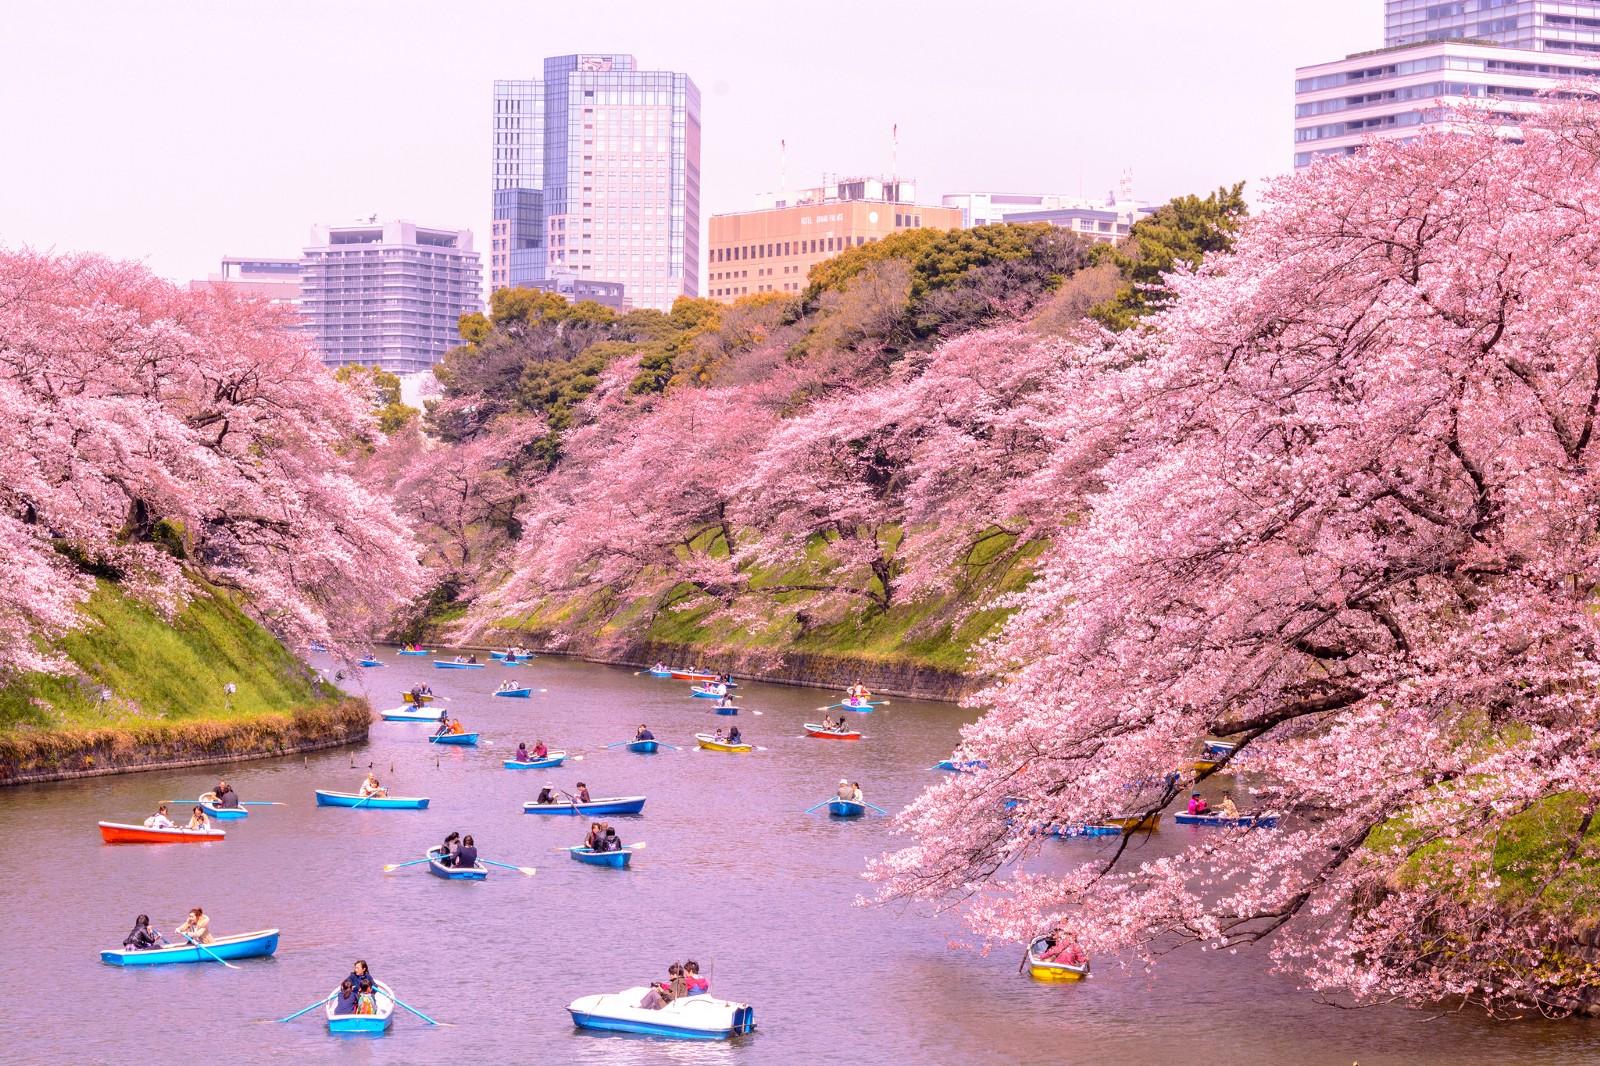 حقایقی درباره کشور ژاپن